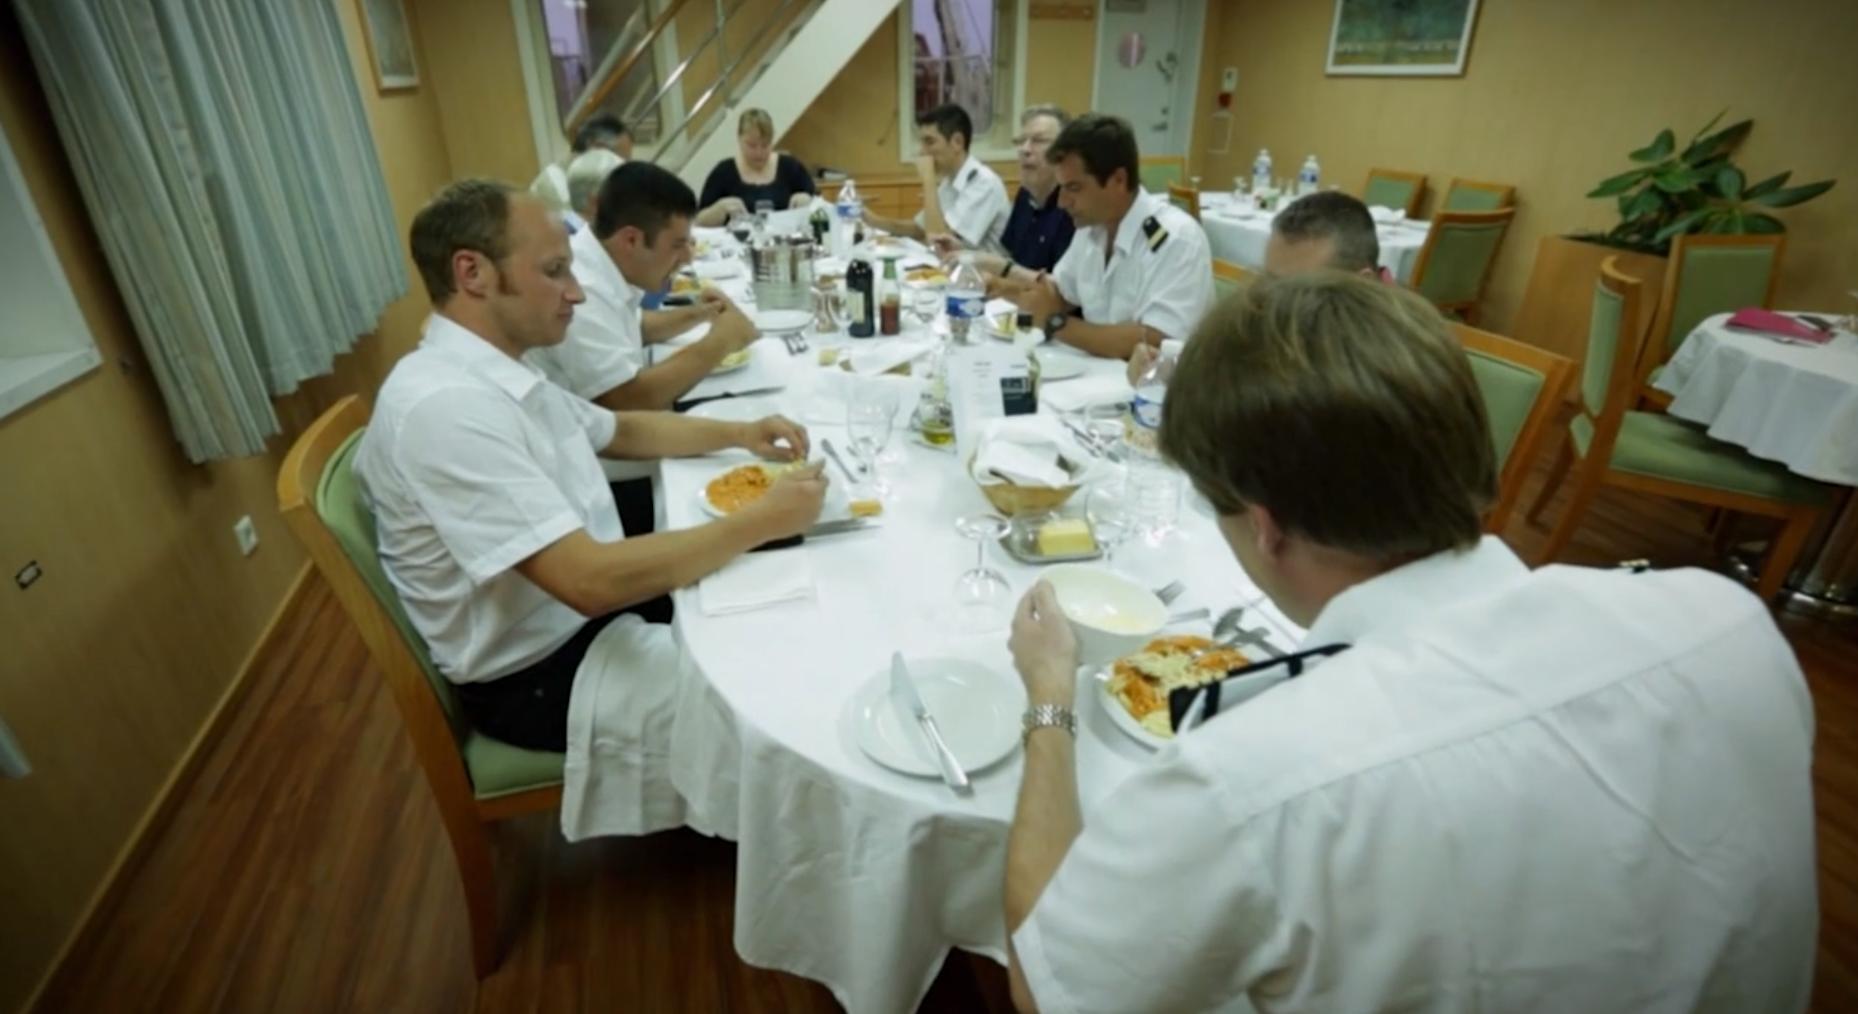 Comedor común para turistas, capitán y tripulación en un buque de carga de la compañía cma-cgm